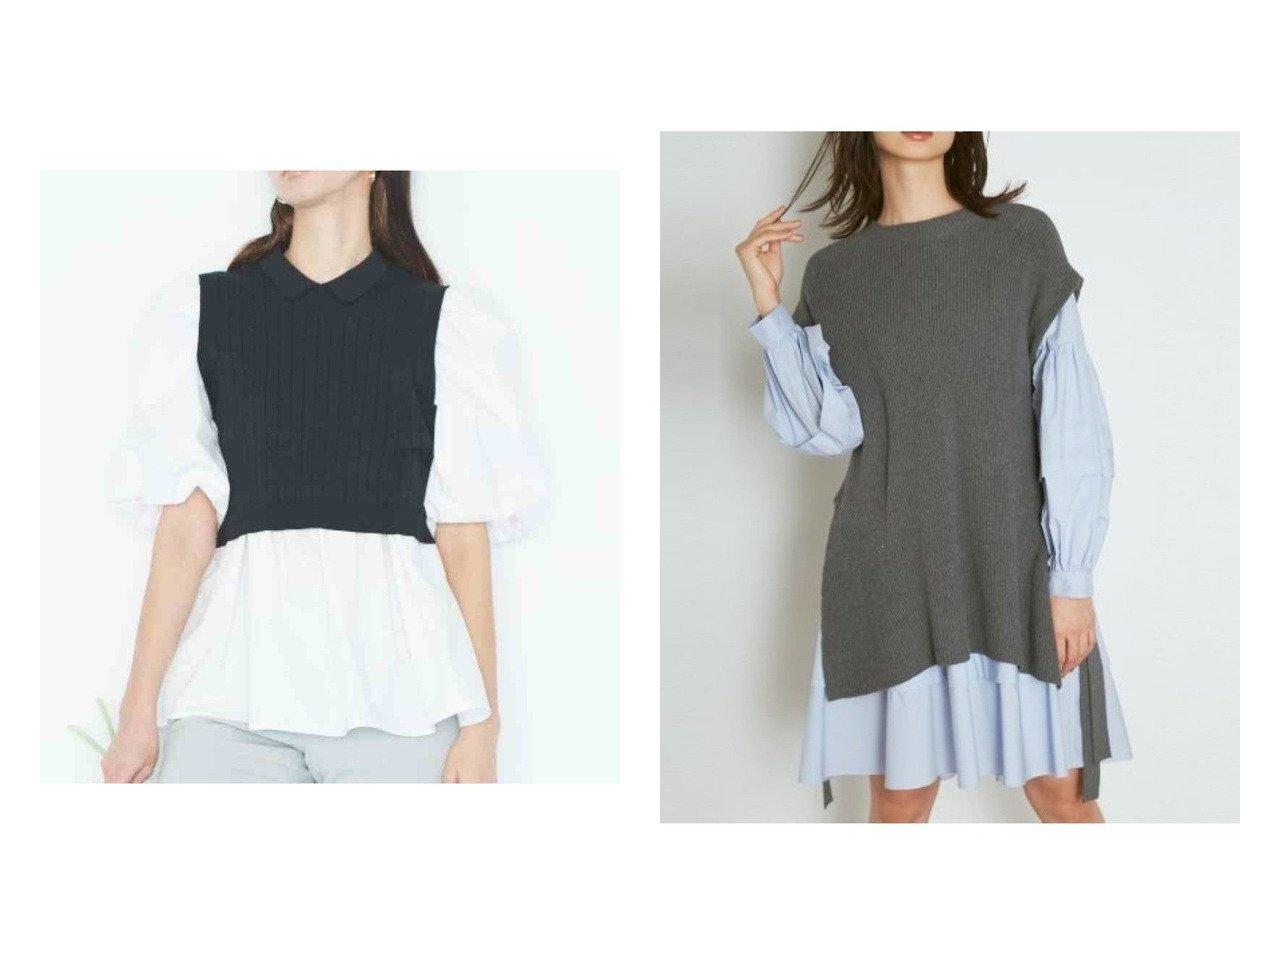 【CELFORD/セルフォード】のシャツレイヤードニットプルオーバー&【SNIDEL/スナイデル】のオーバーベストニットレイヤードプルオーバー トップス・カットソーのおすすめ!人気、トレンド・レディースファッションの通販 おすすめで人気の流行・トレンド、ファッションの通販商品 メンズファッション・キッズファッション・インテリア・家具・レディースファッション・服の通販 founy(ファニー) https://founy.com/ ファッション Fashion レディースファッション WOMEN トップス Tops Tshirt ニット Knit Tops シャツ/ブラウス Shirts Blouses プルオーバー Pullover ベスト/ジレ Gilets Vests シャンブレー シルク ジップ スキニー スリーブ チュニック なめらか フレア ベスト モノトーン リブニット ワイドリブ 再入荷 Restock/Back in Stock/Re Arrival NEW・新作・新着・新入荷 New Arrivals |ID:crp329100000012010